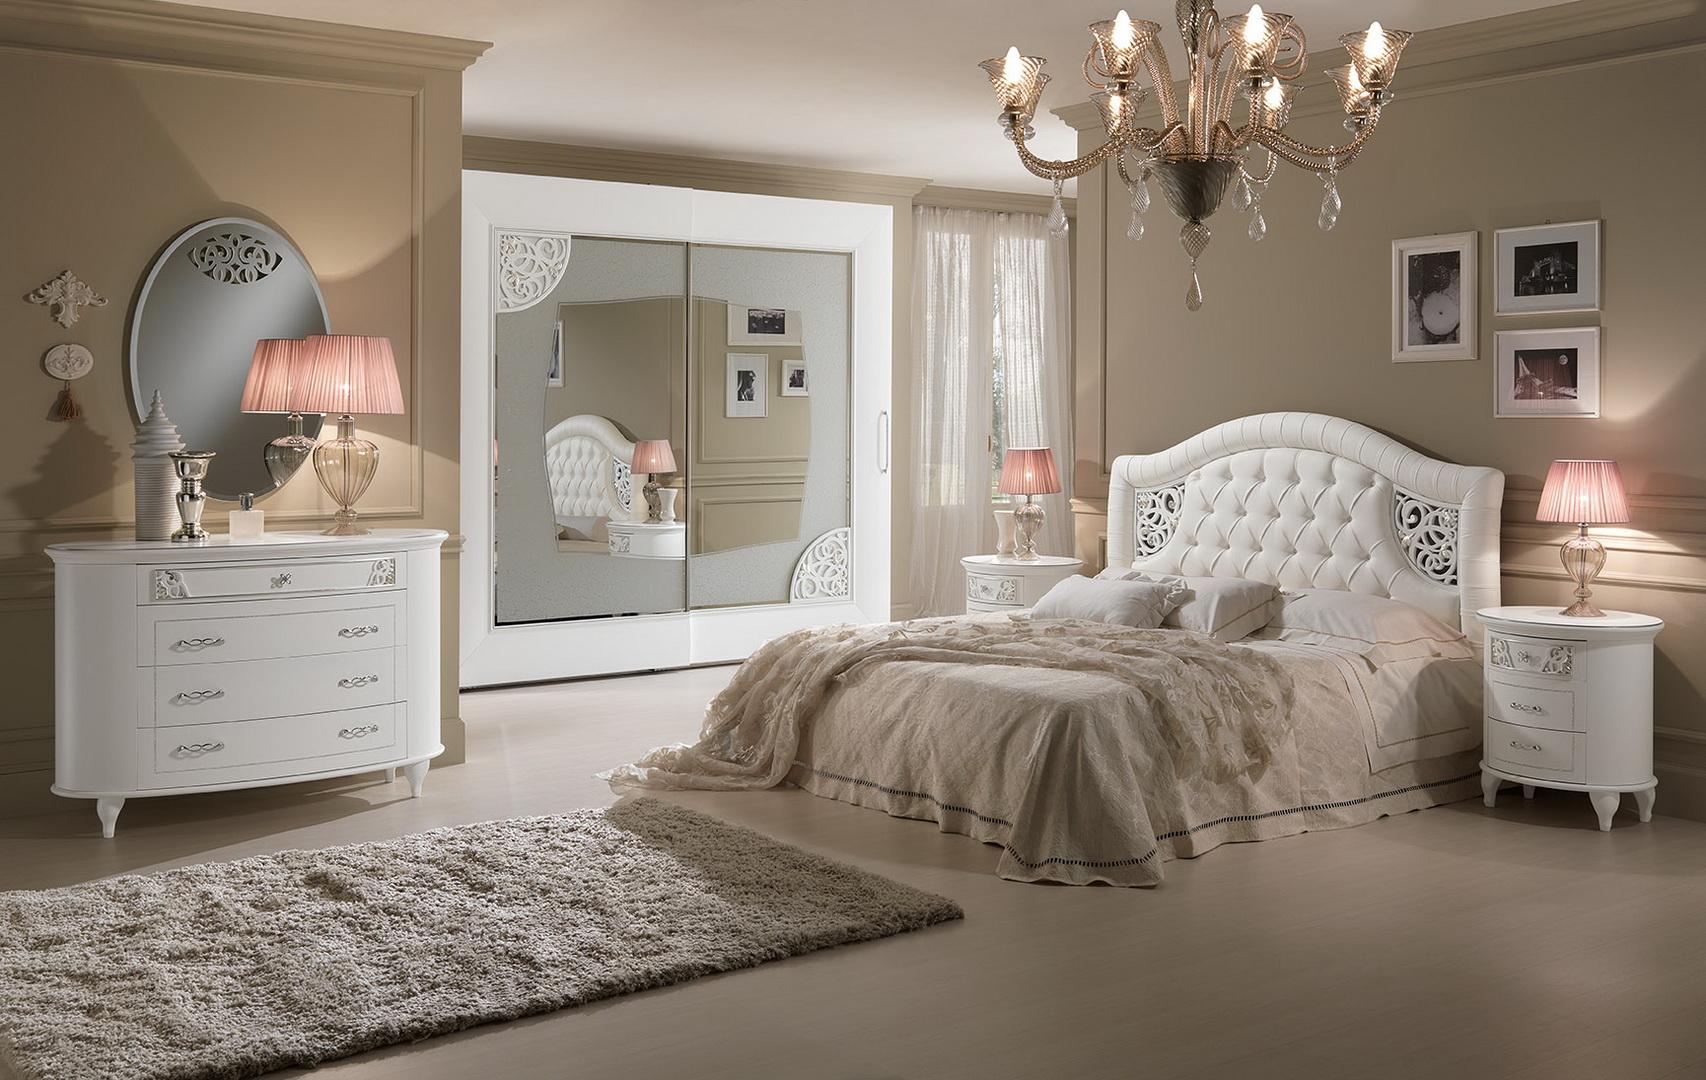 Camera da letto sb10012 c4 home arredamenti cosenza for C4 arredamenti